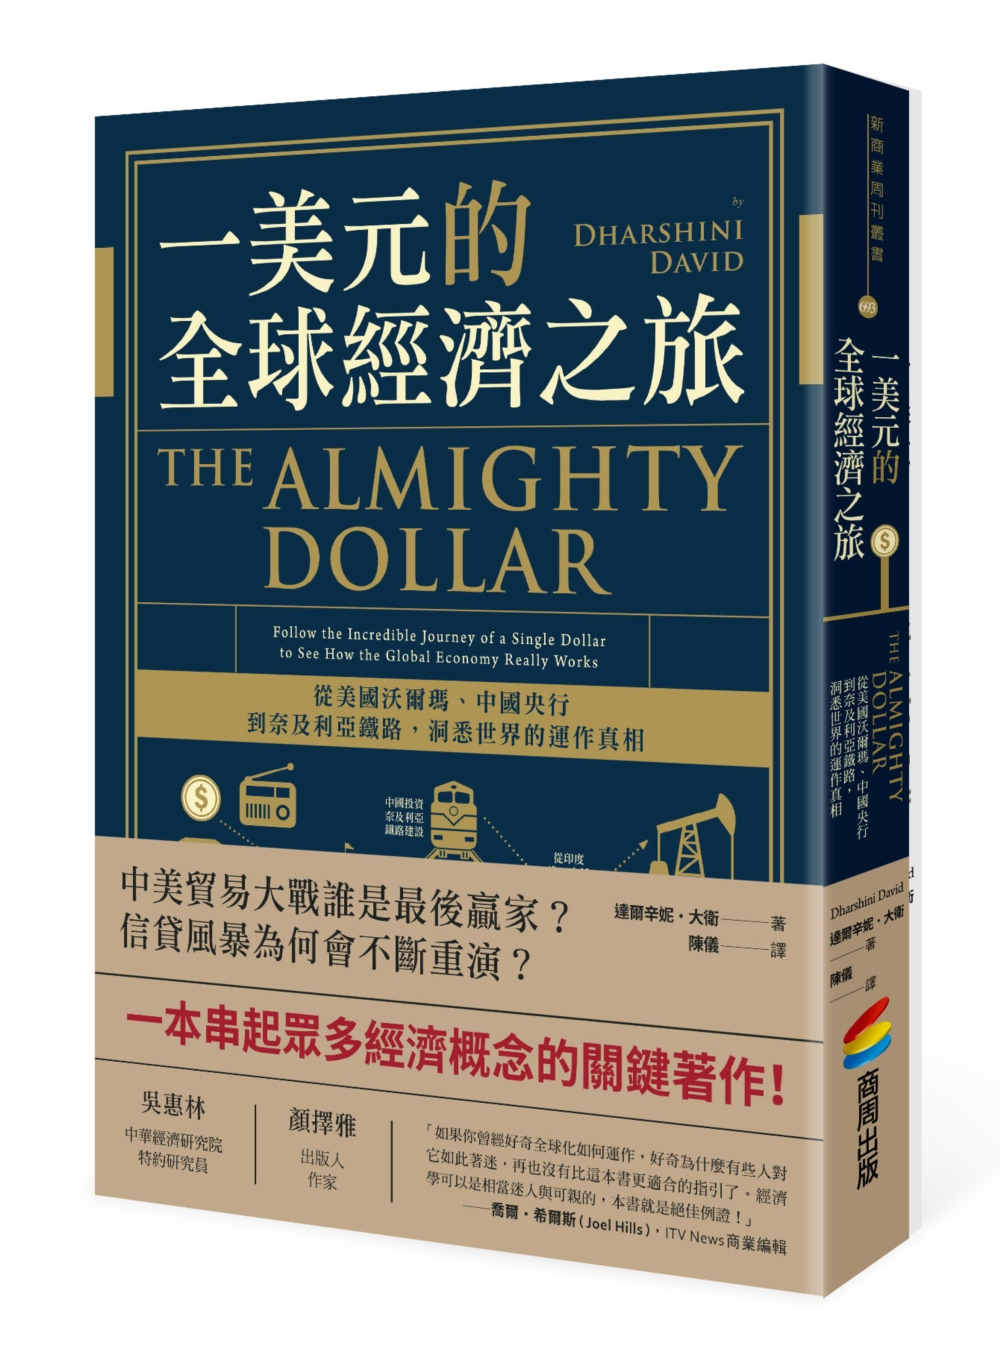 ◤博客來BOOKS◢ 暢銷書榜《推薦》一美元的全球經濟之旅:從美國沃爾瑪、中國央行到奈及利亞鐵路,洞悉世界的運作真相